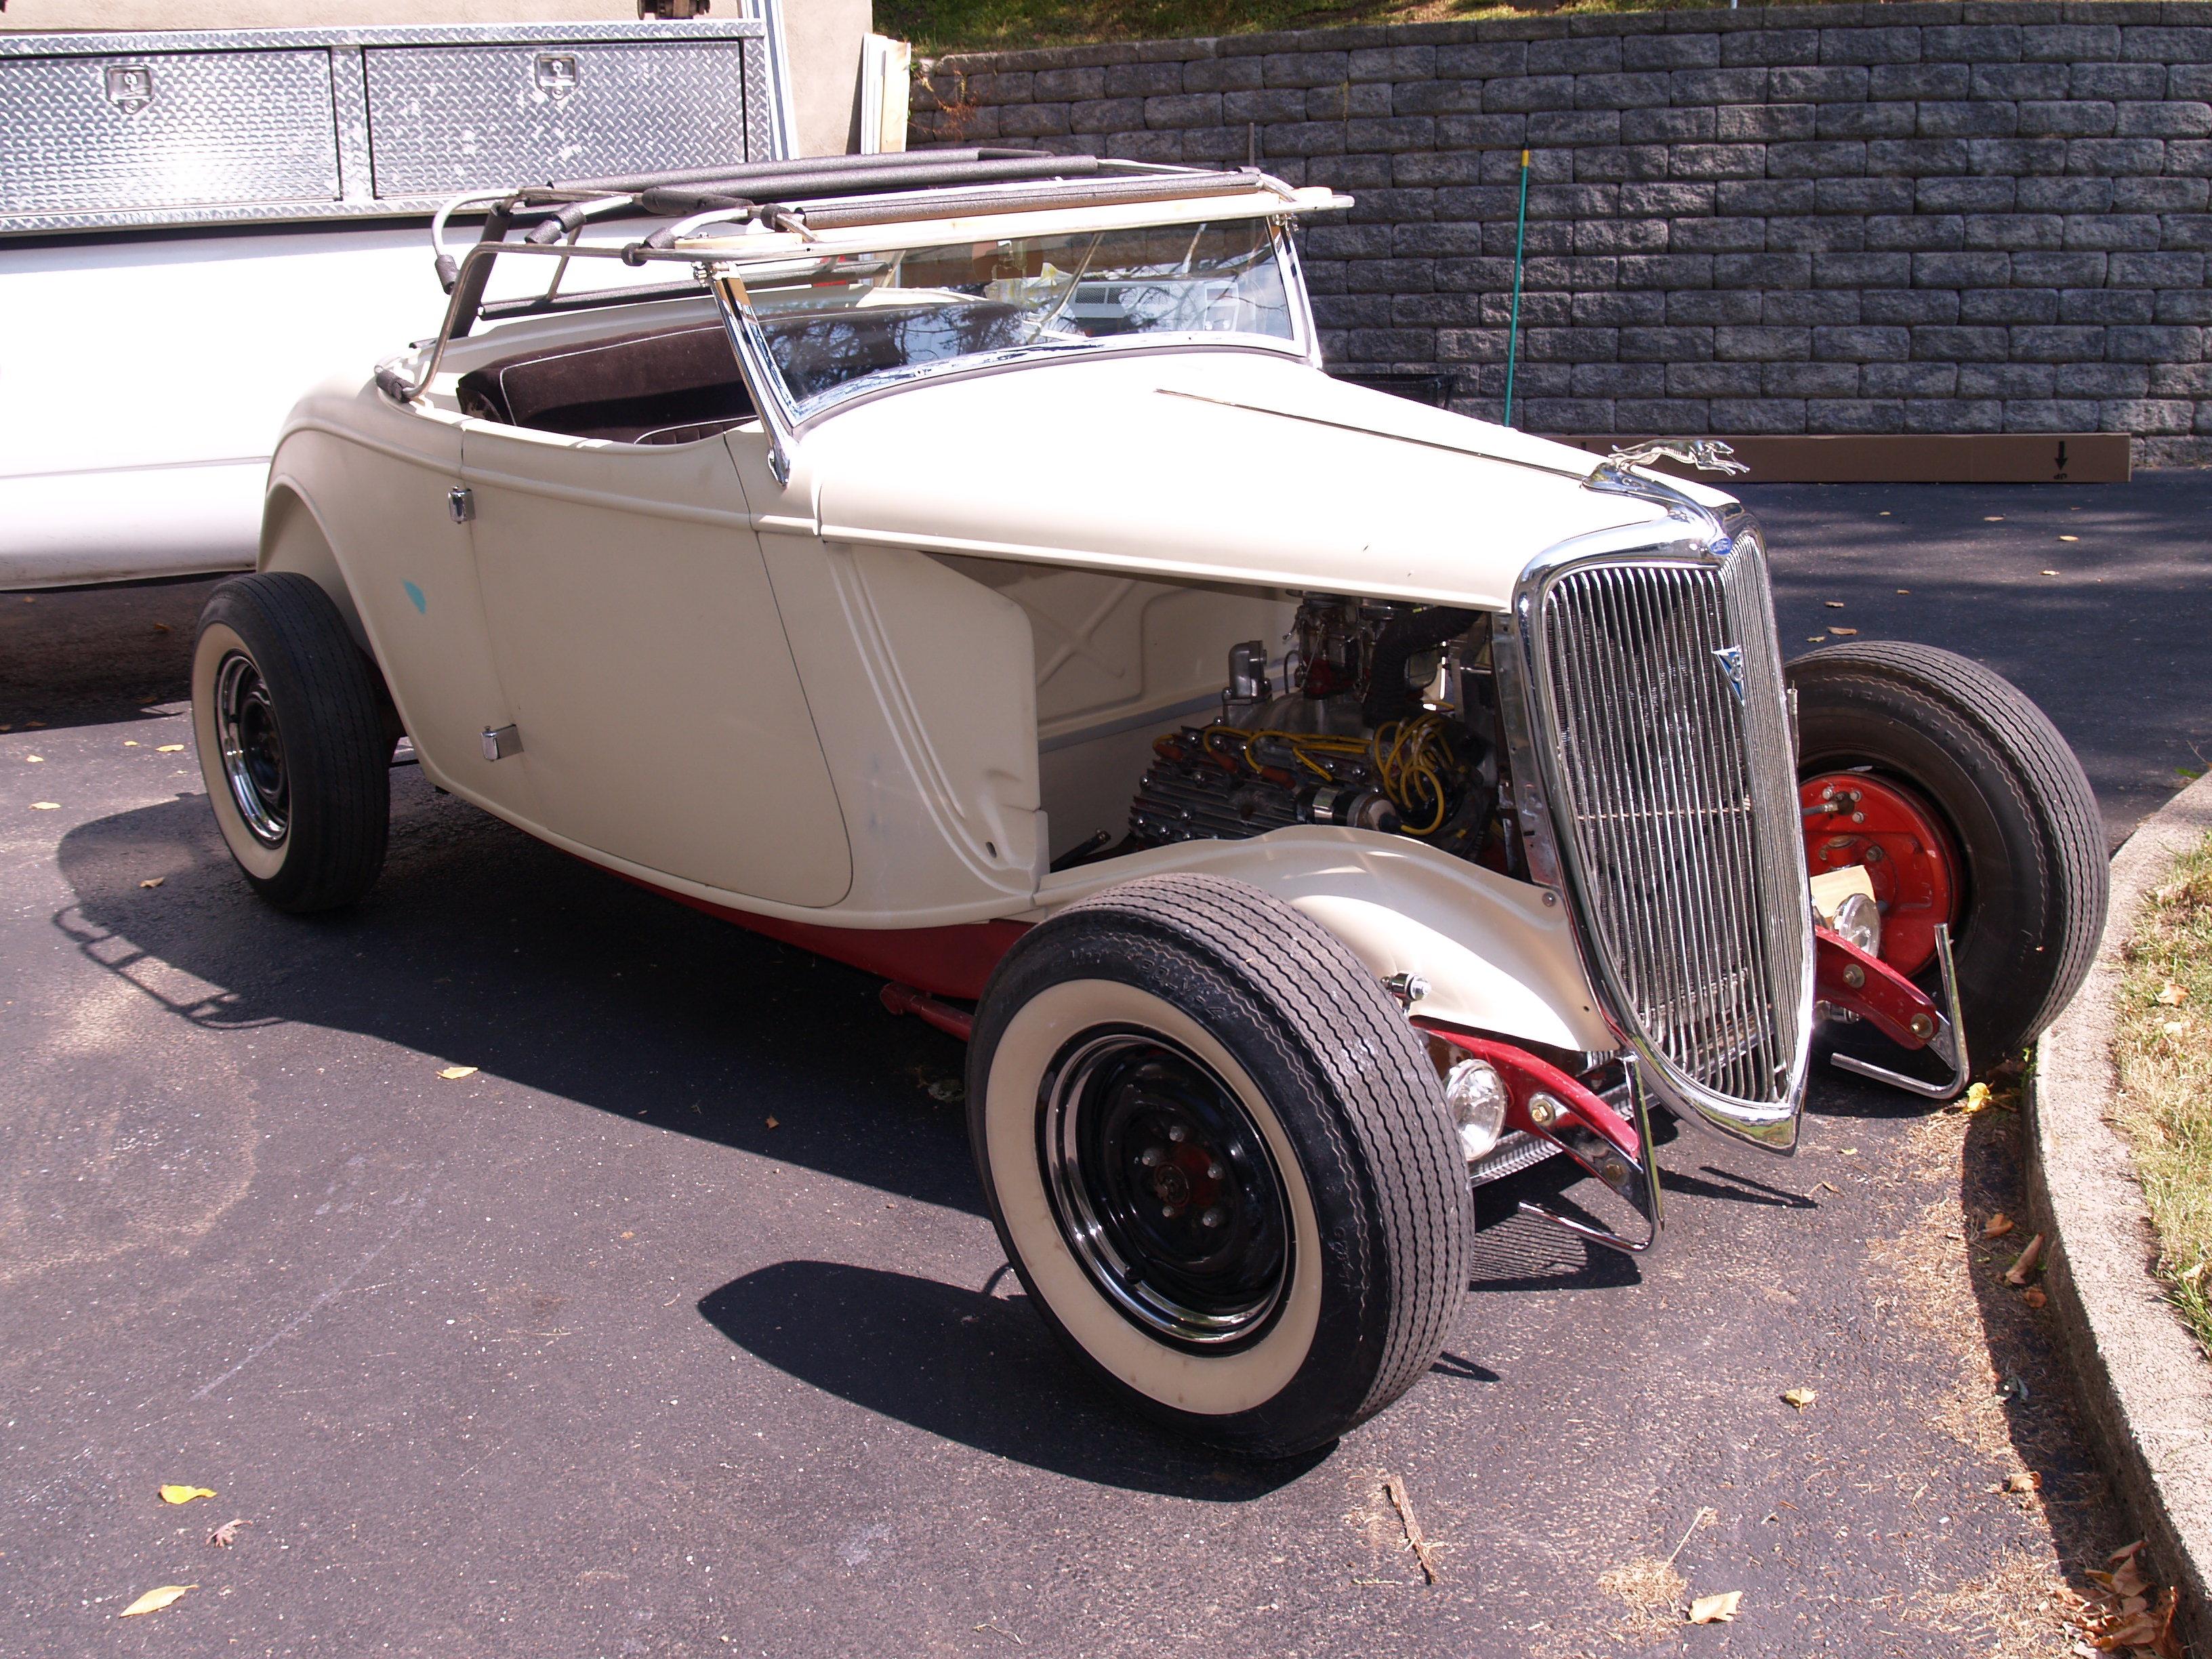 091914-04 1934 Ford Roadster.JPG